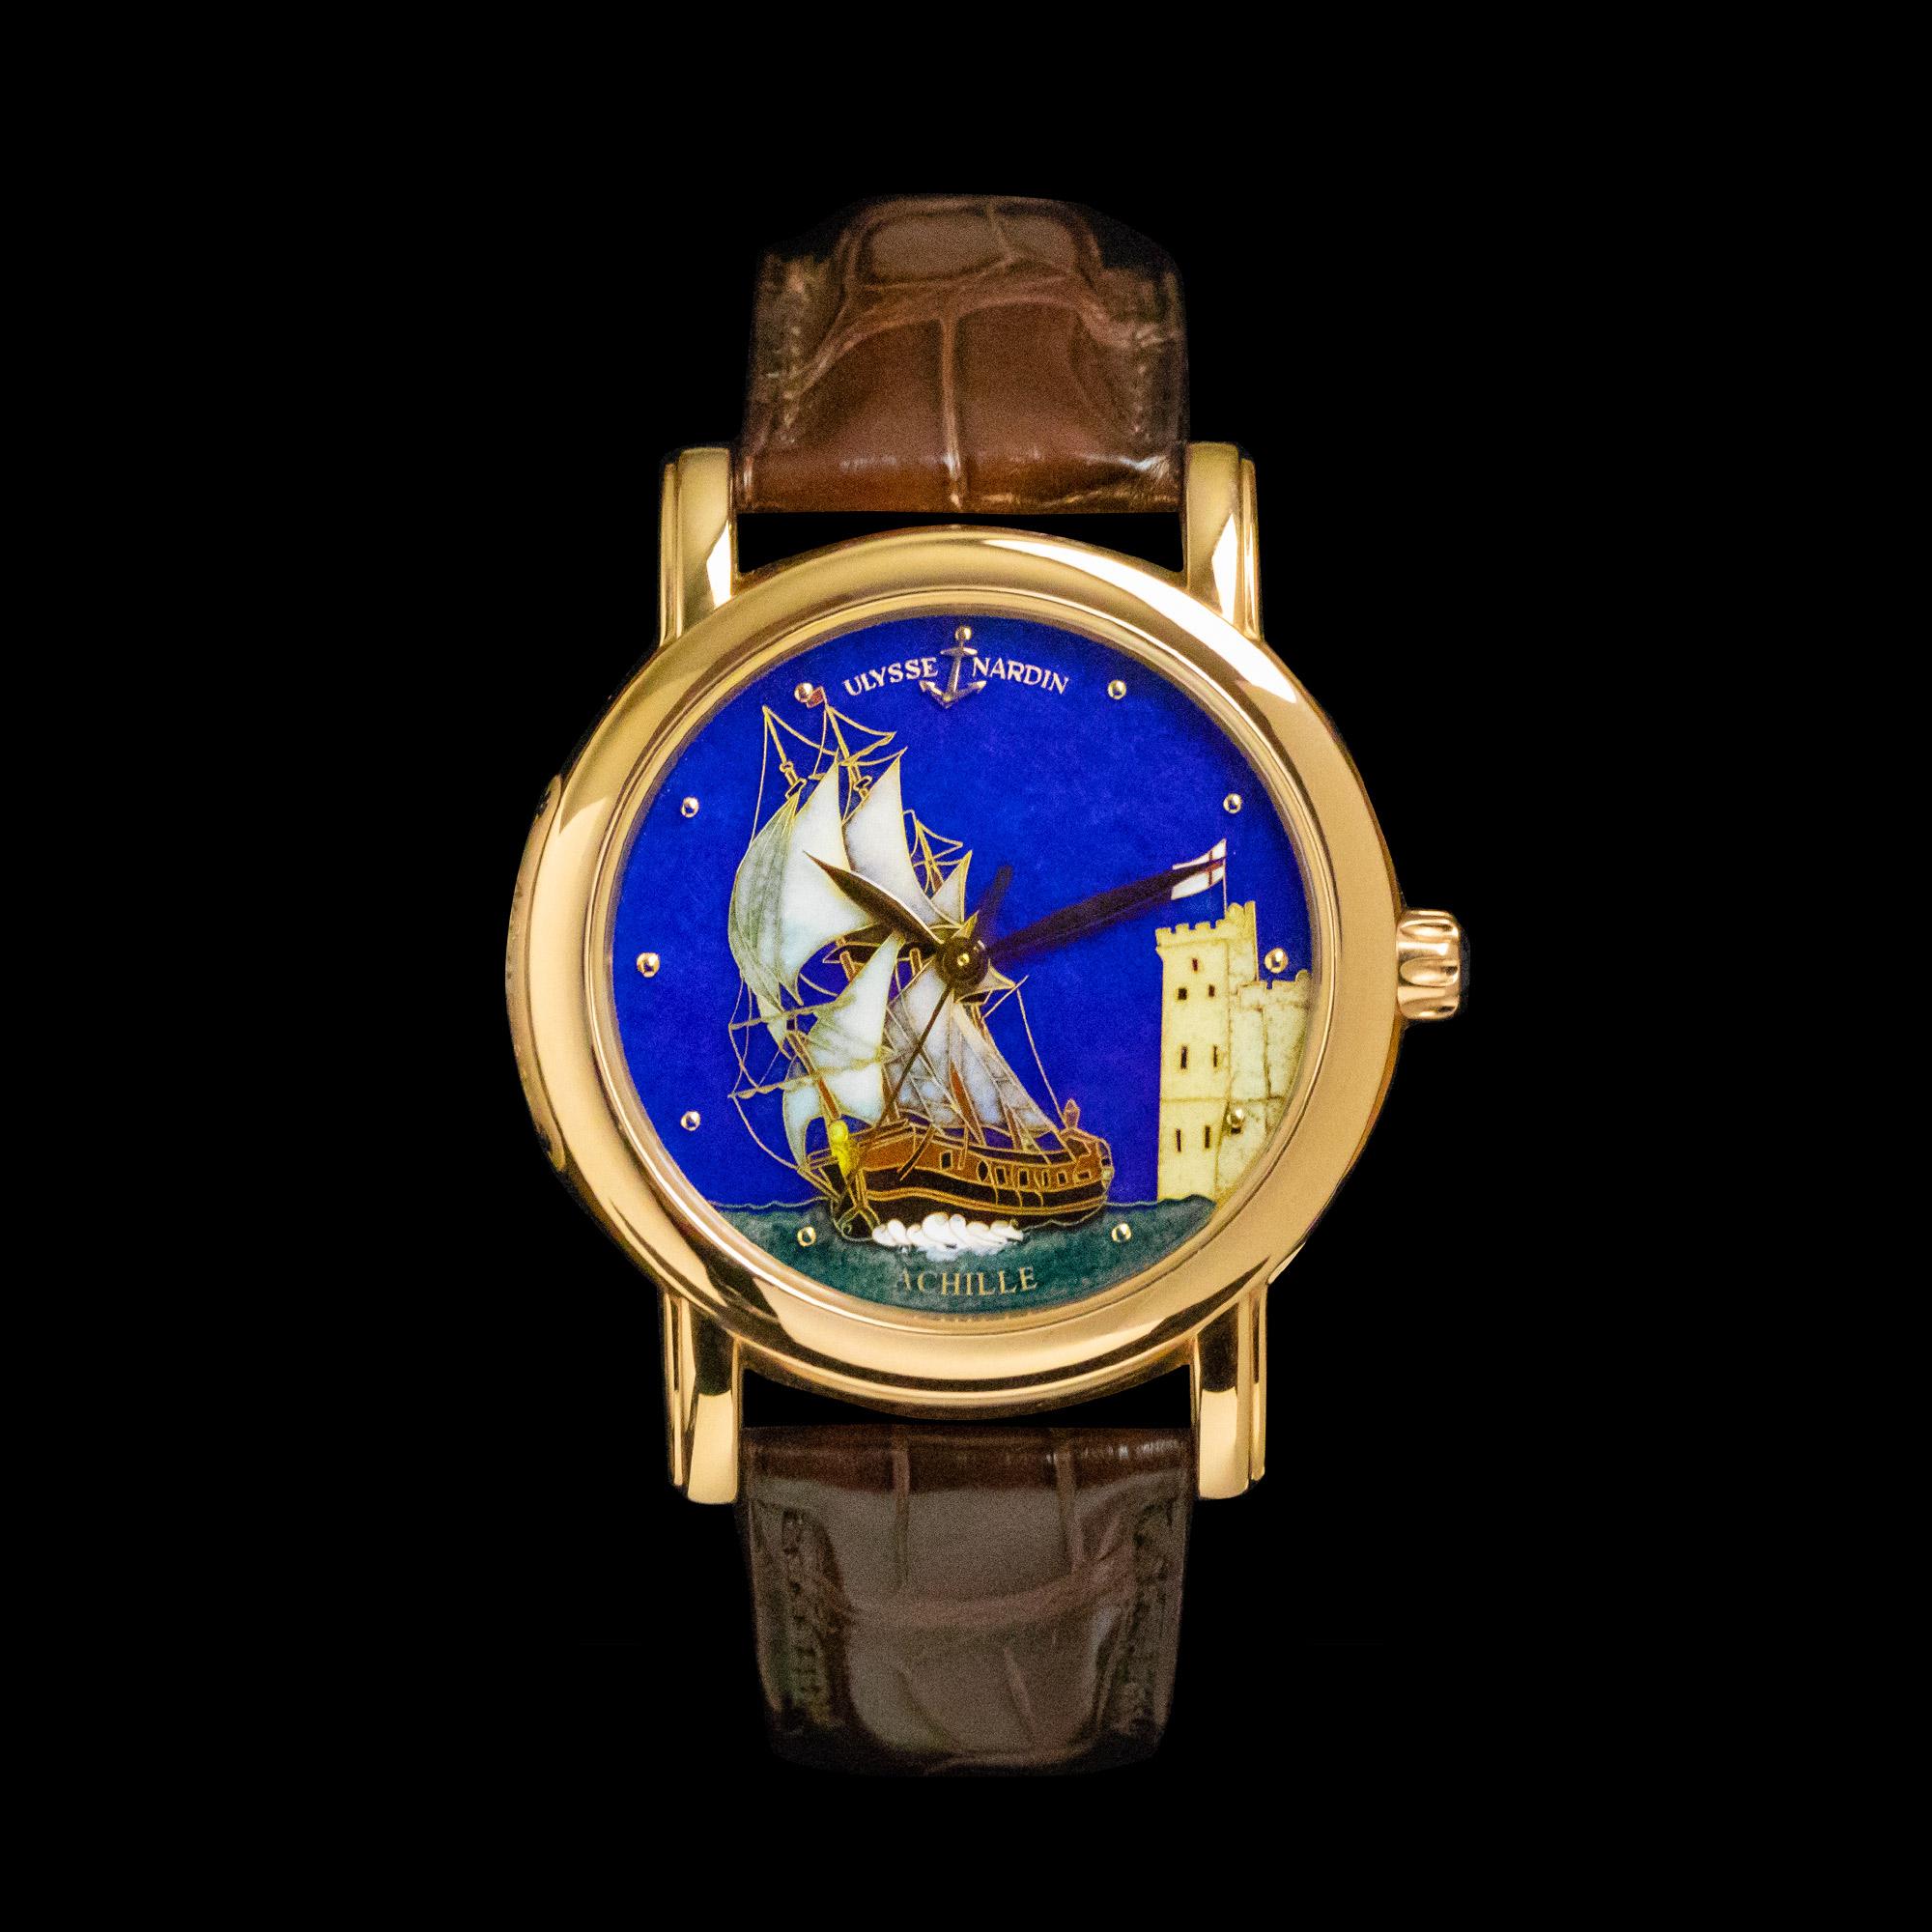 thu mua đồng hồ cũ chính hãng giá cao